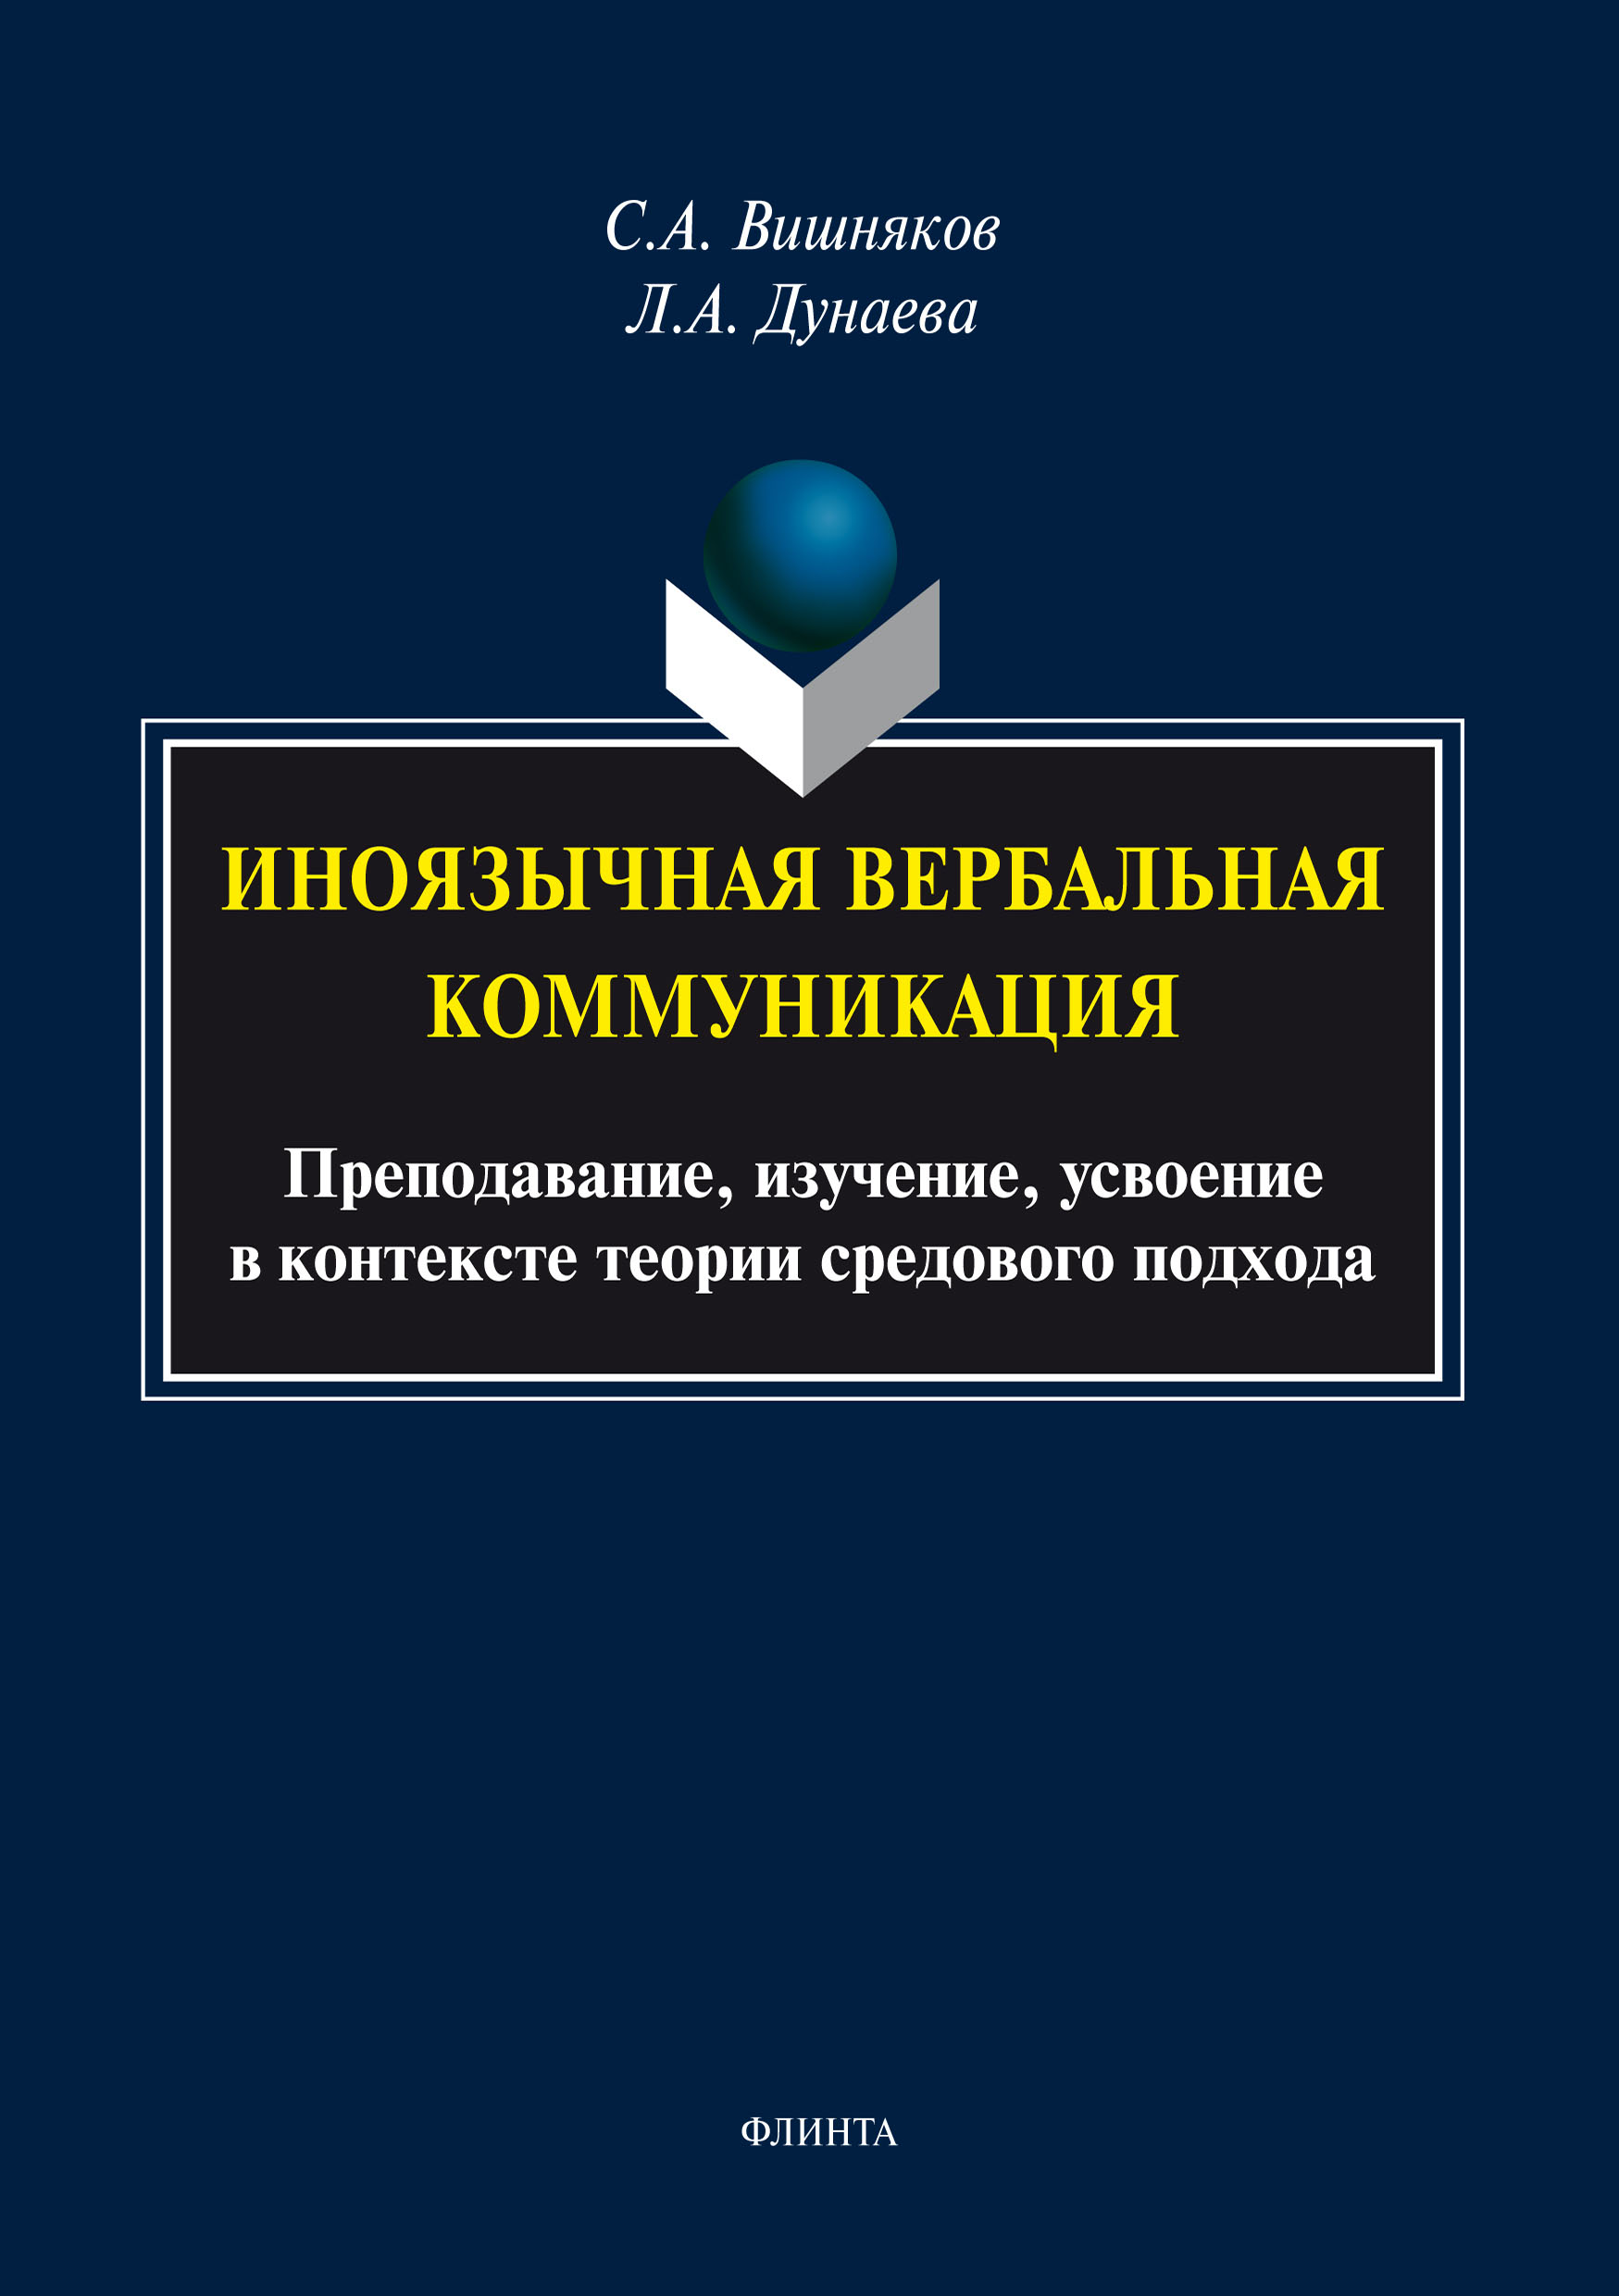 Сергей Вишняков Иноязычная вербальная коммуникация. Преподавание, изучение, усвоение в контексте теории средового подхода вишняков федор решетников